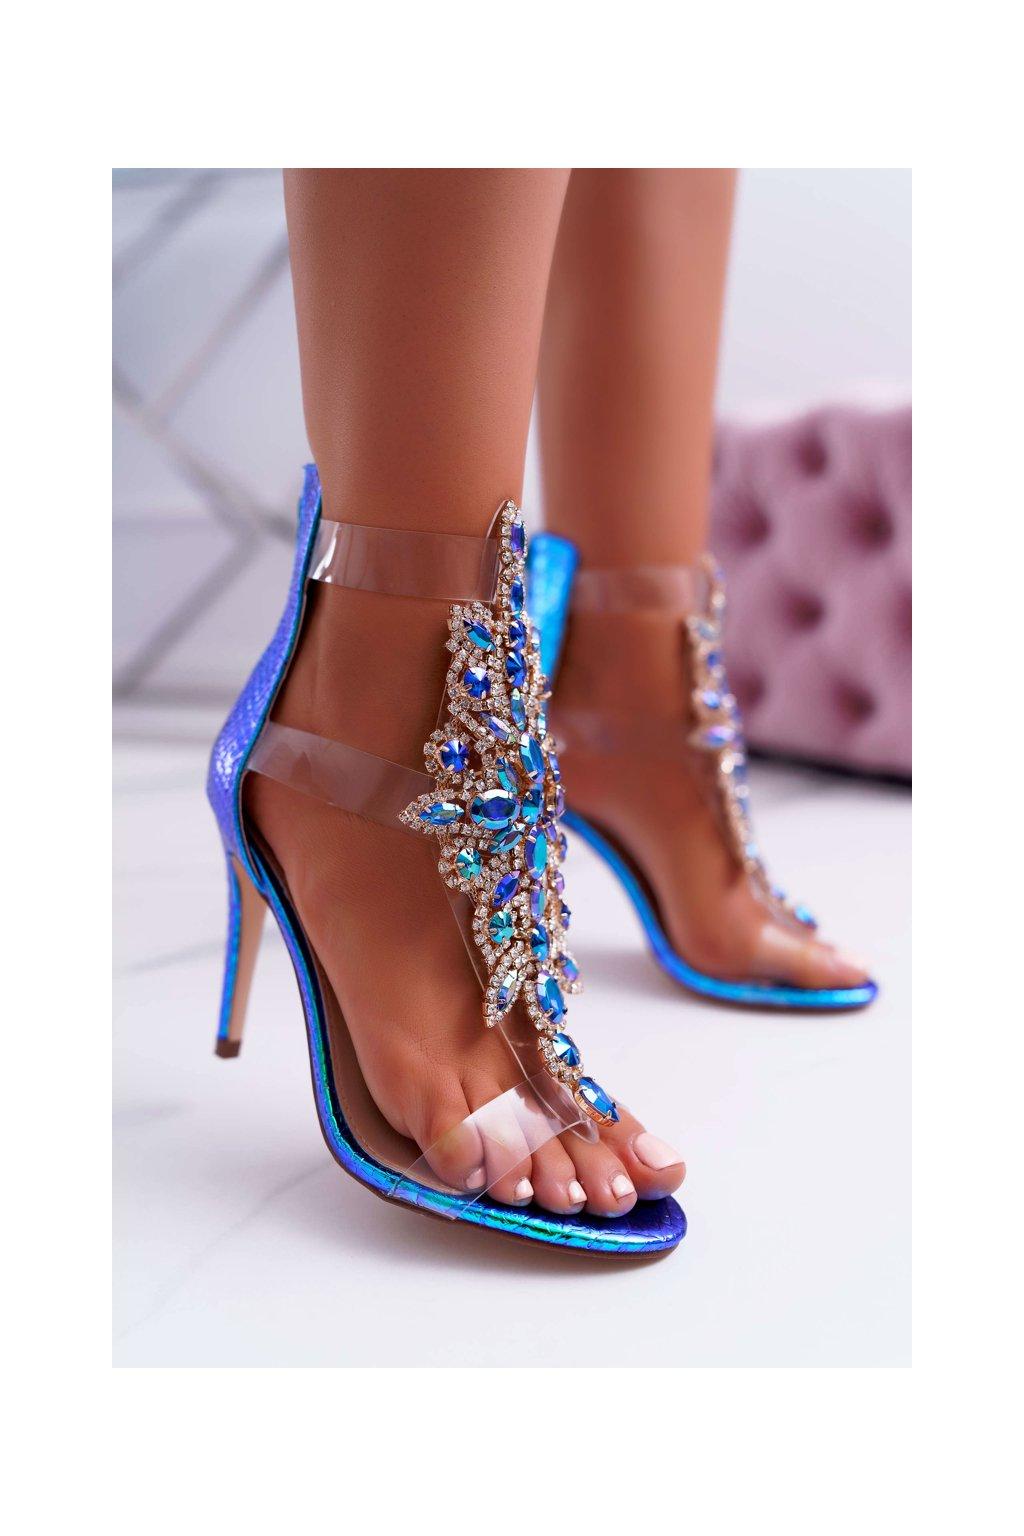 Dámske sandále na podpätku farba modrá NJSK 2047-89 BLUE